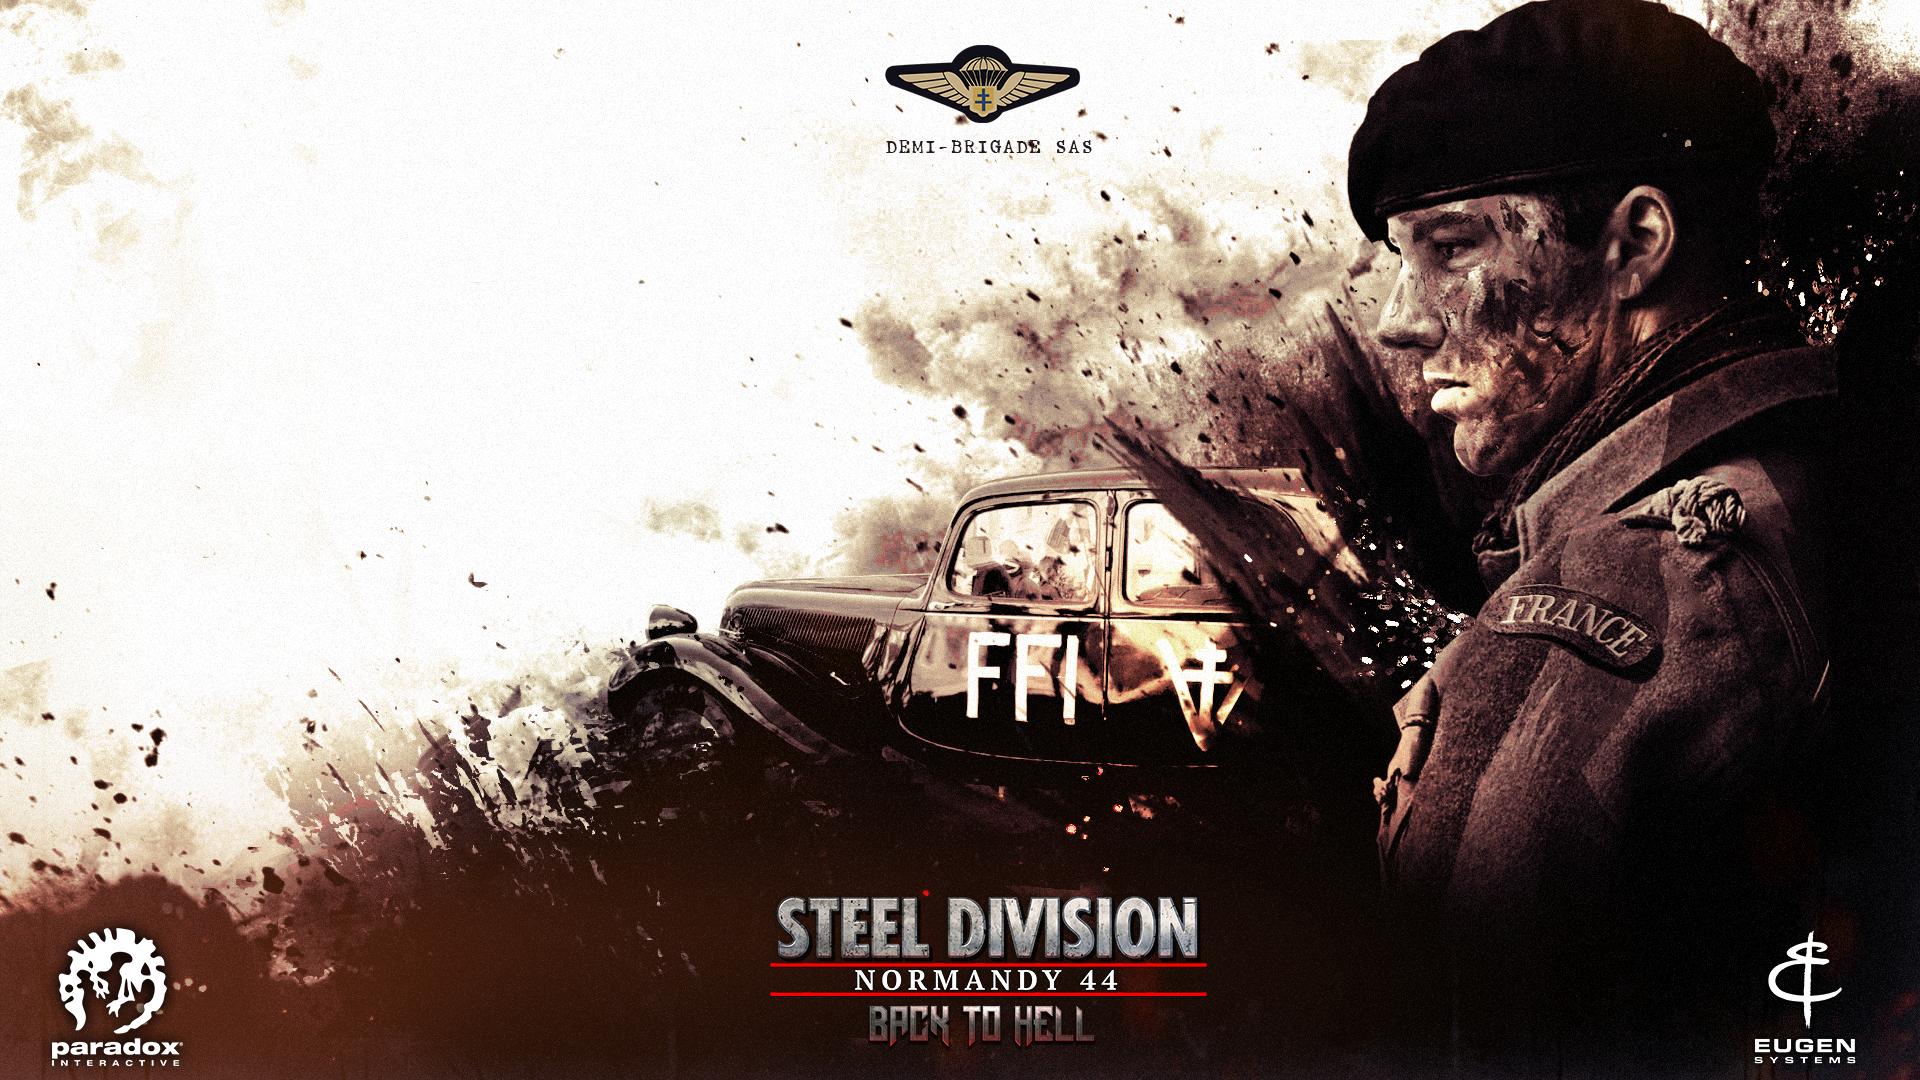 03_Back_To_hell_DLC2_demi_brigade_SAS